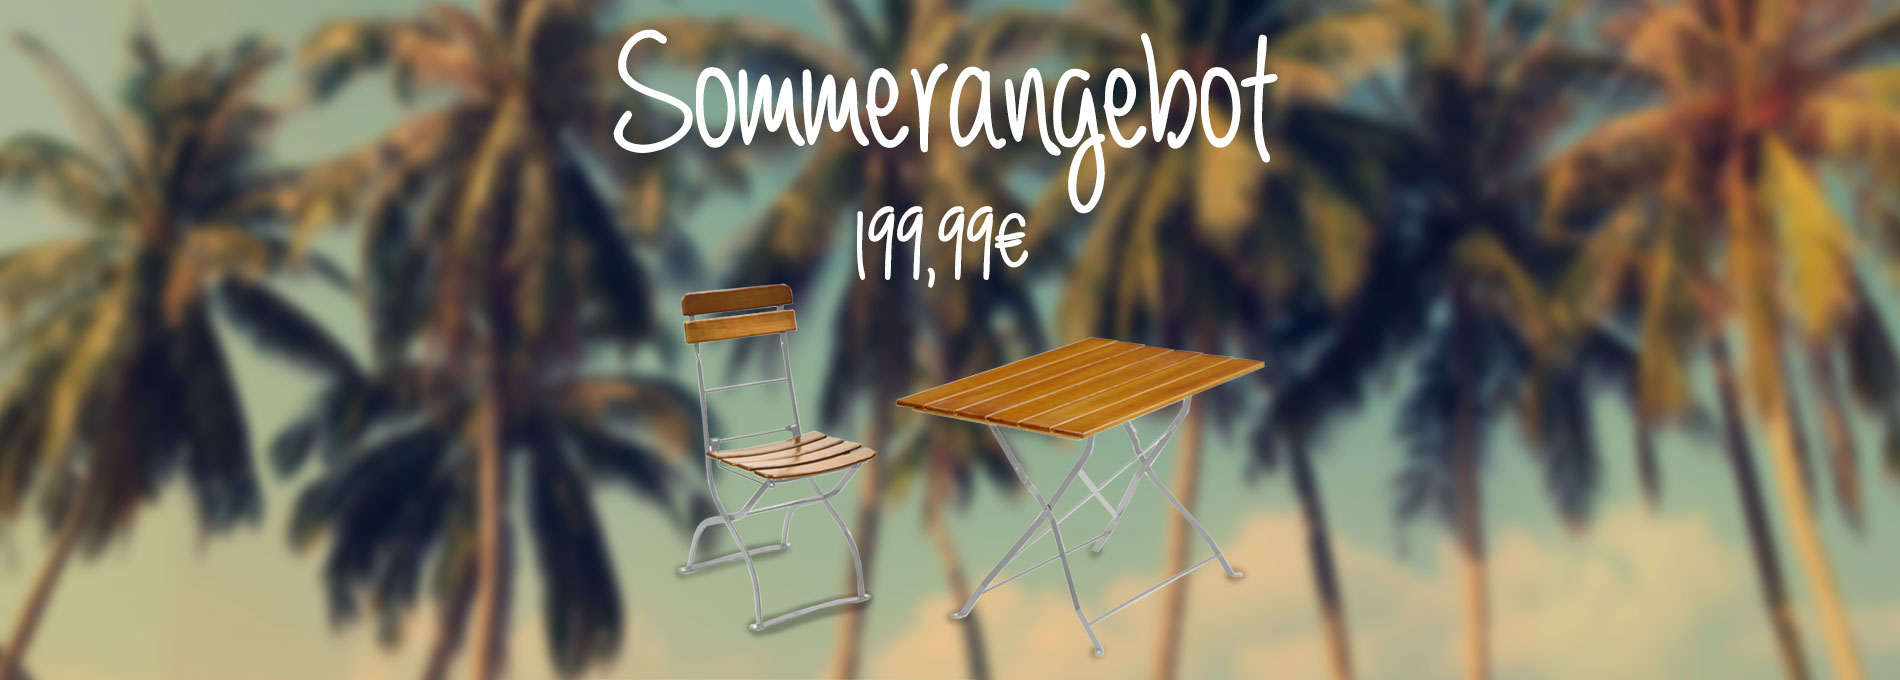 Ein Set an Biergartenmöbel - im Hintergrund Palmen und die Aufschrift Sommerangebot - 199,99 €.